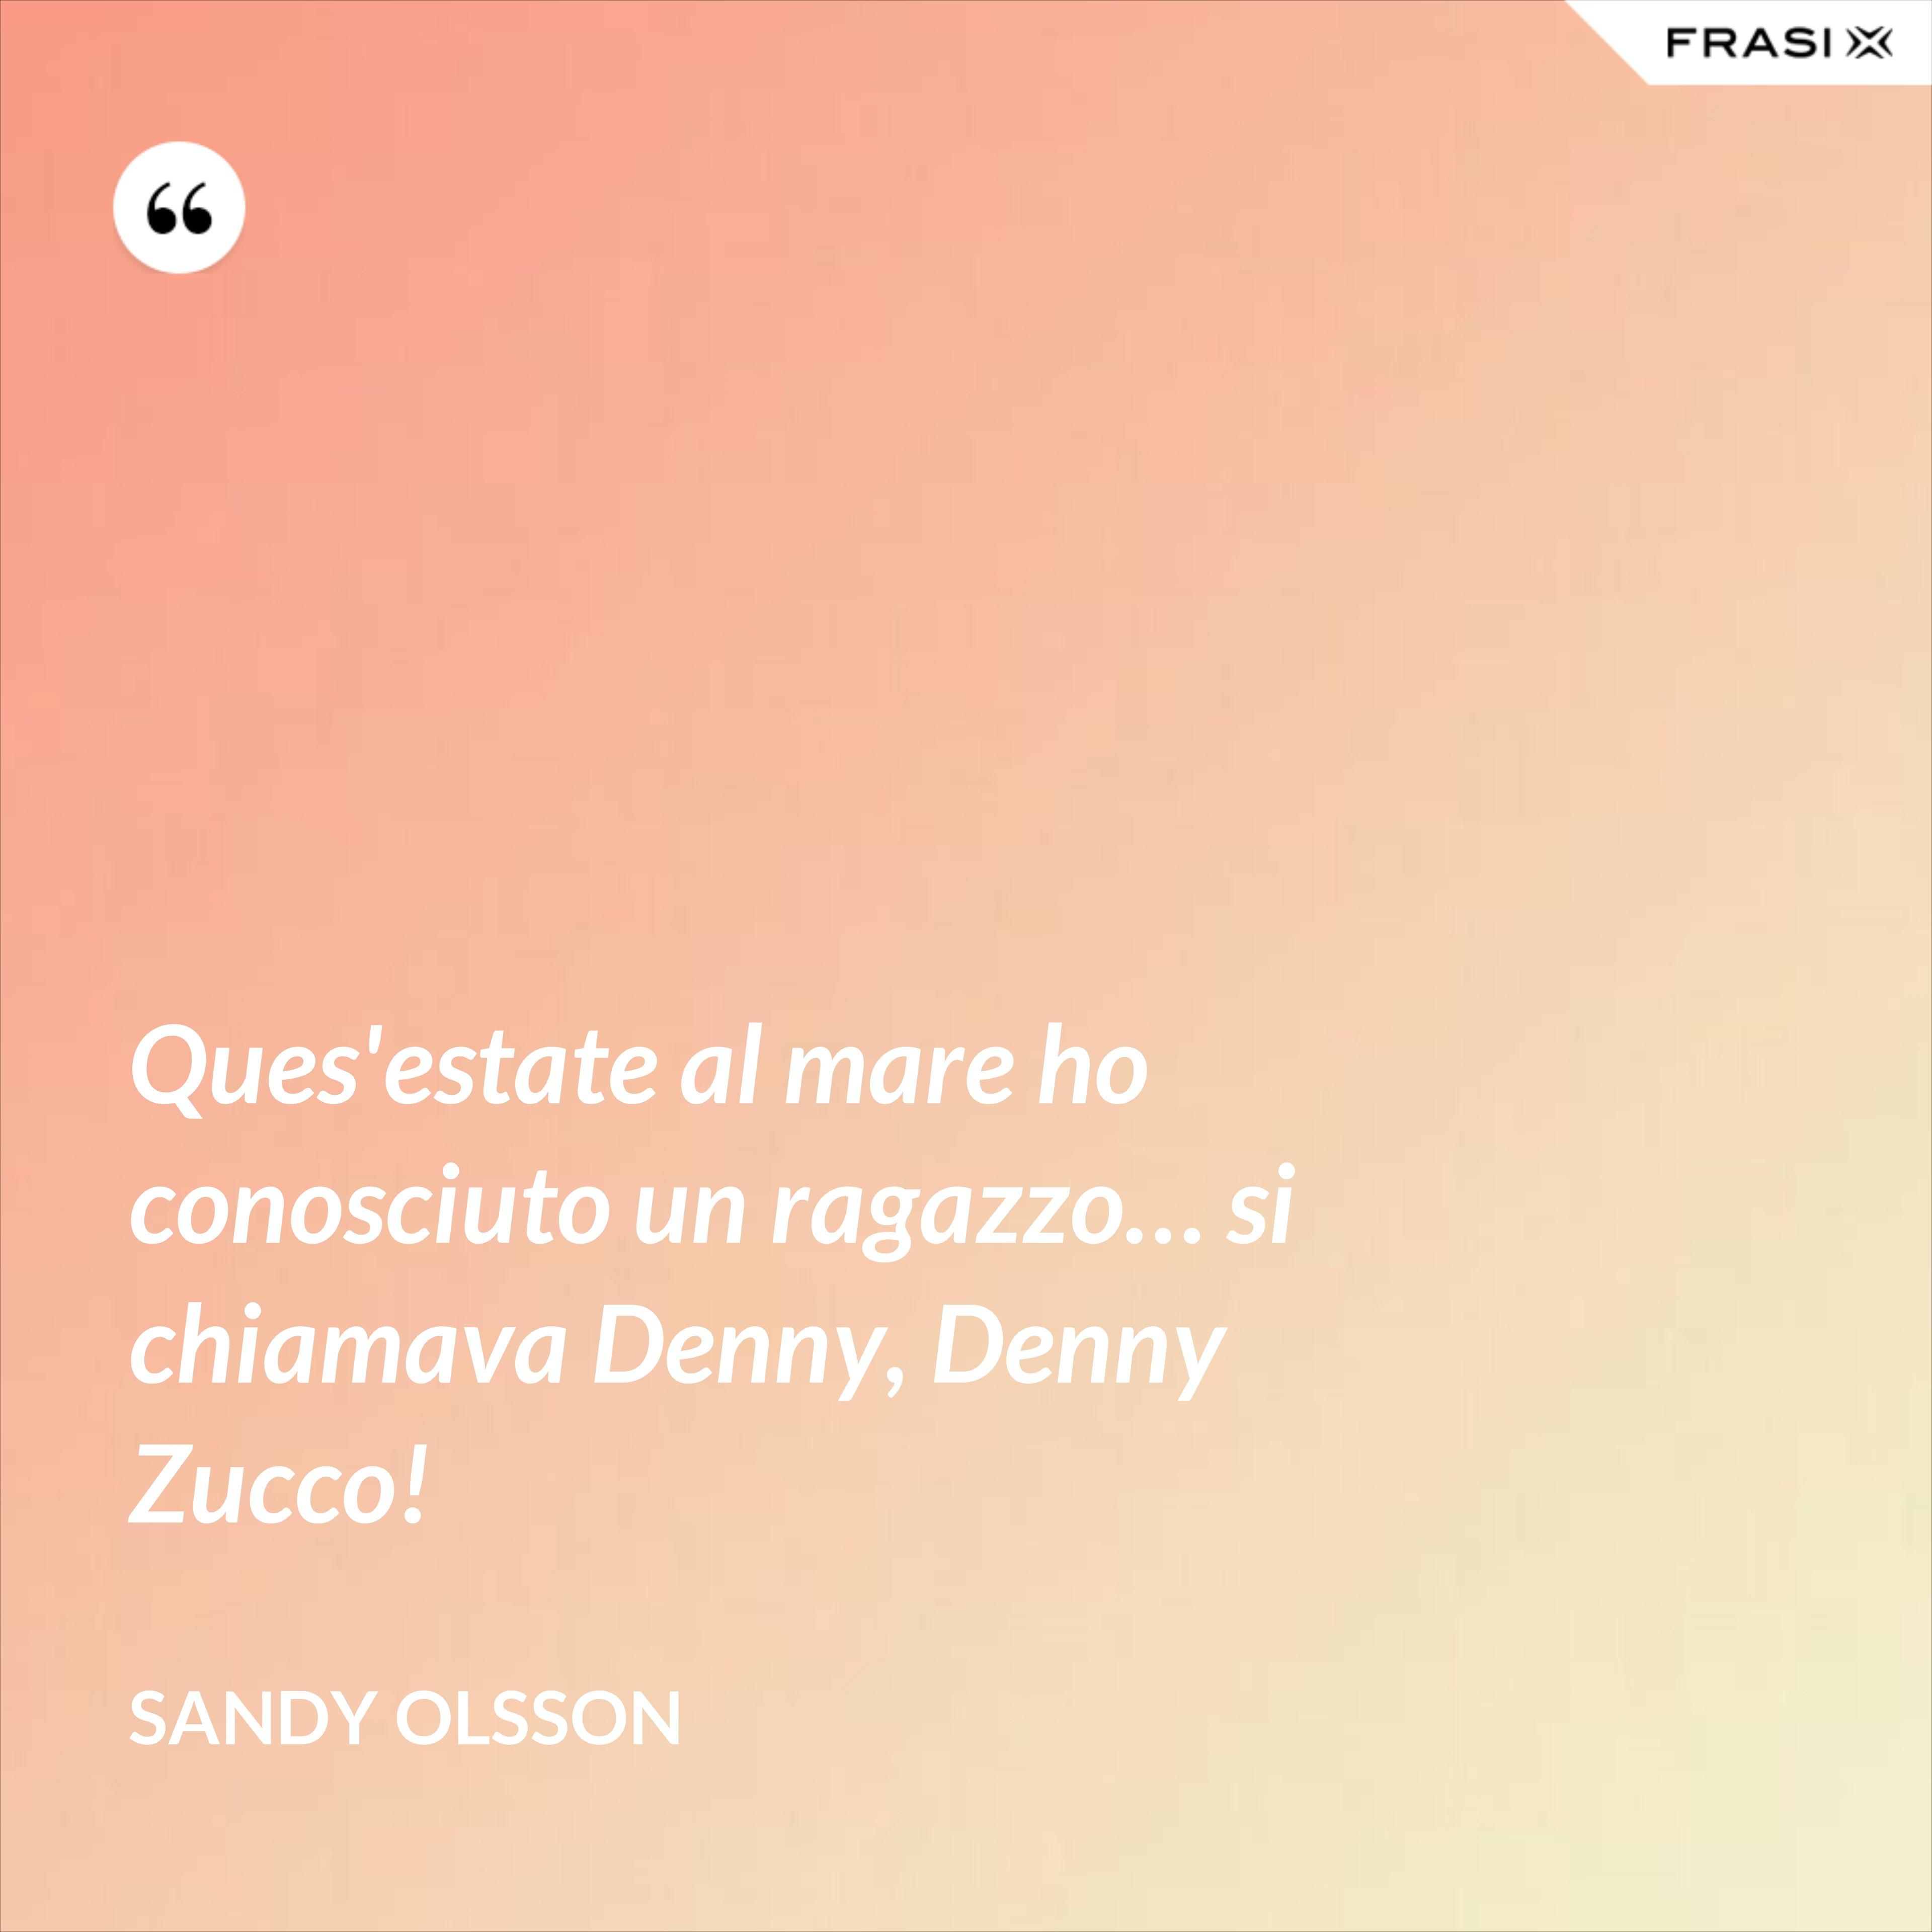 Ques'estate al mare ho conosciuto un ragazzo… si chiamava Denny, Denny Zucco! - Sandy Olsson